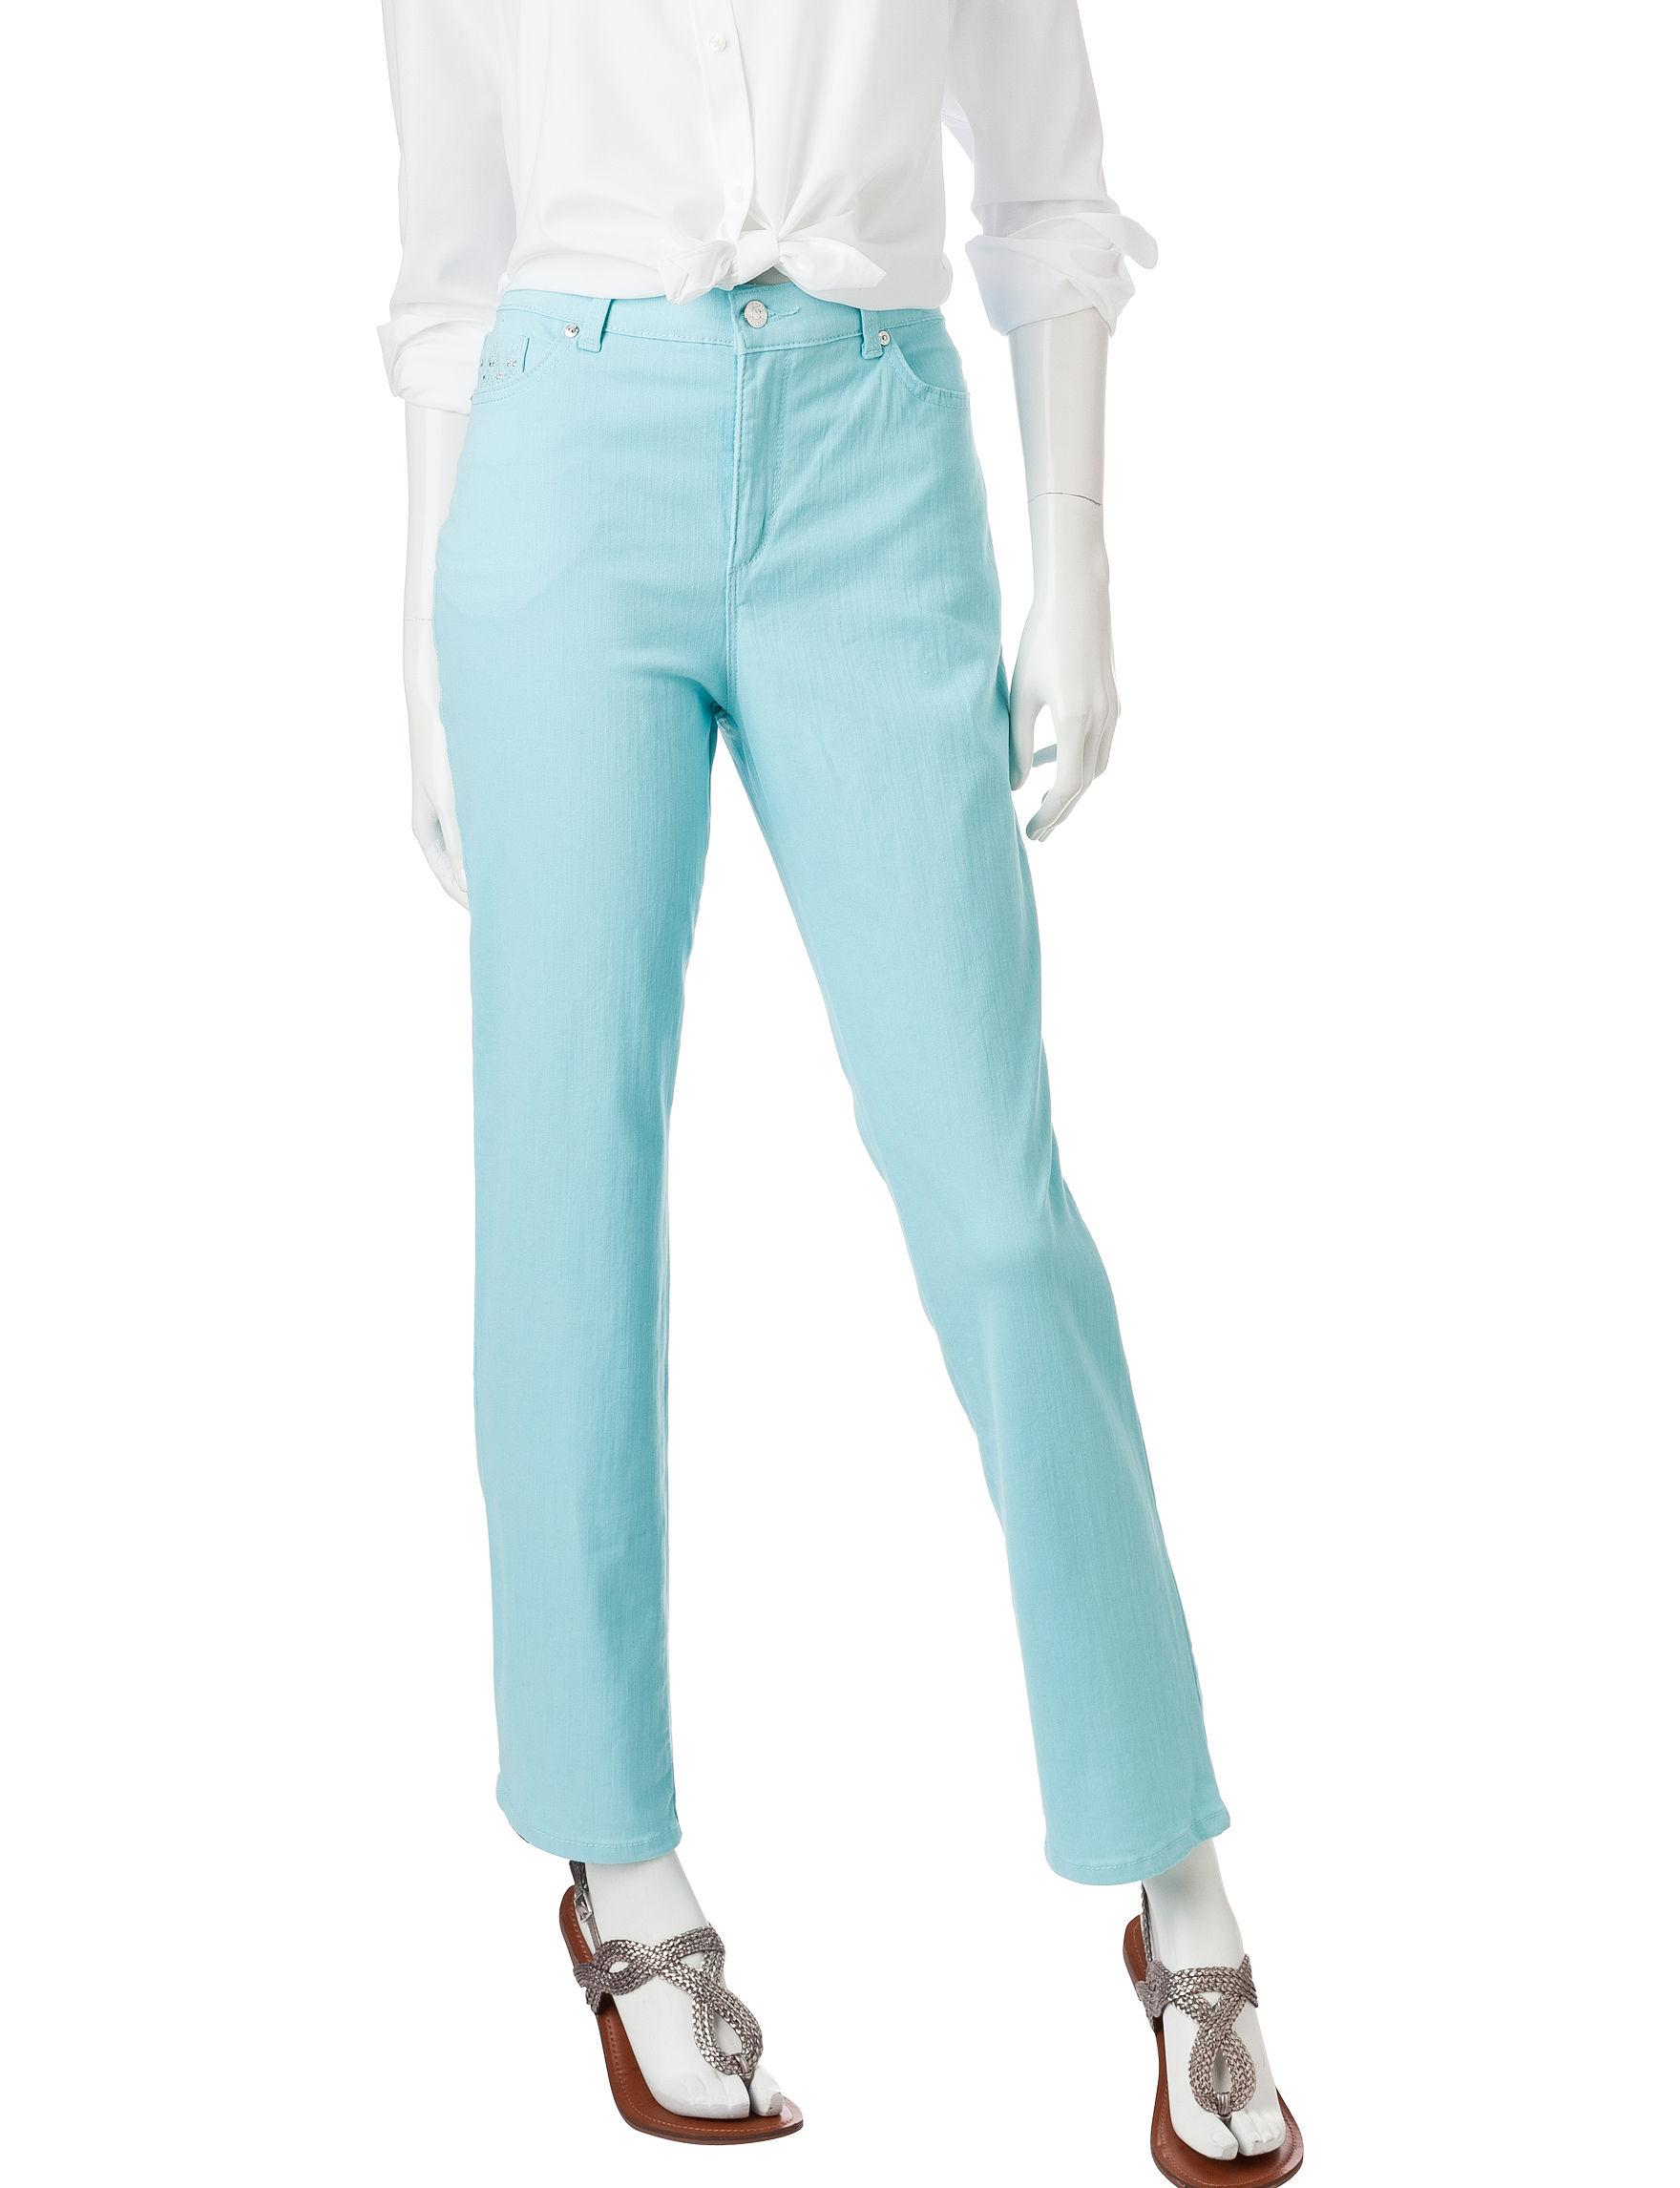 Gloria Vanderbilt Turquoise